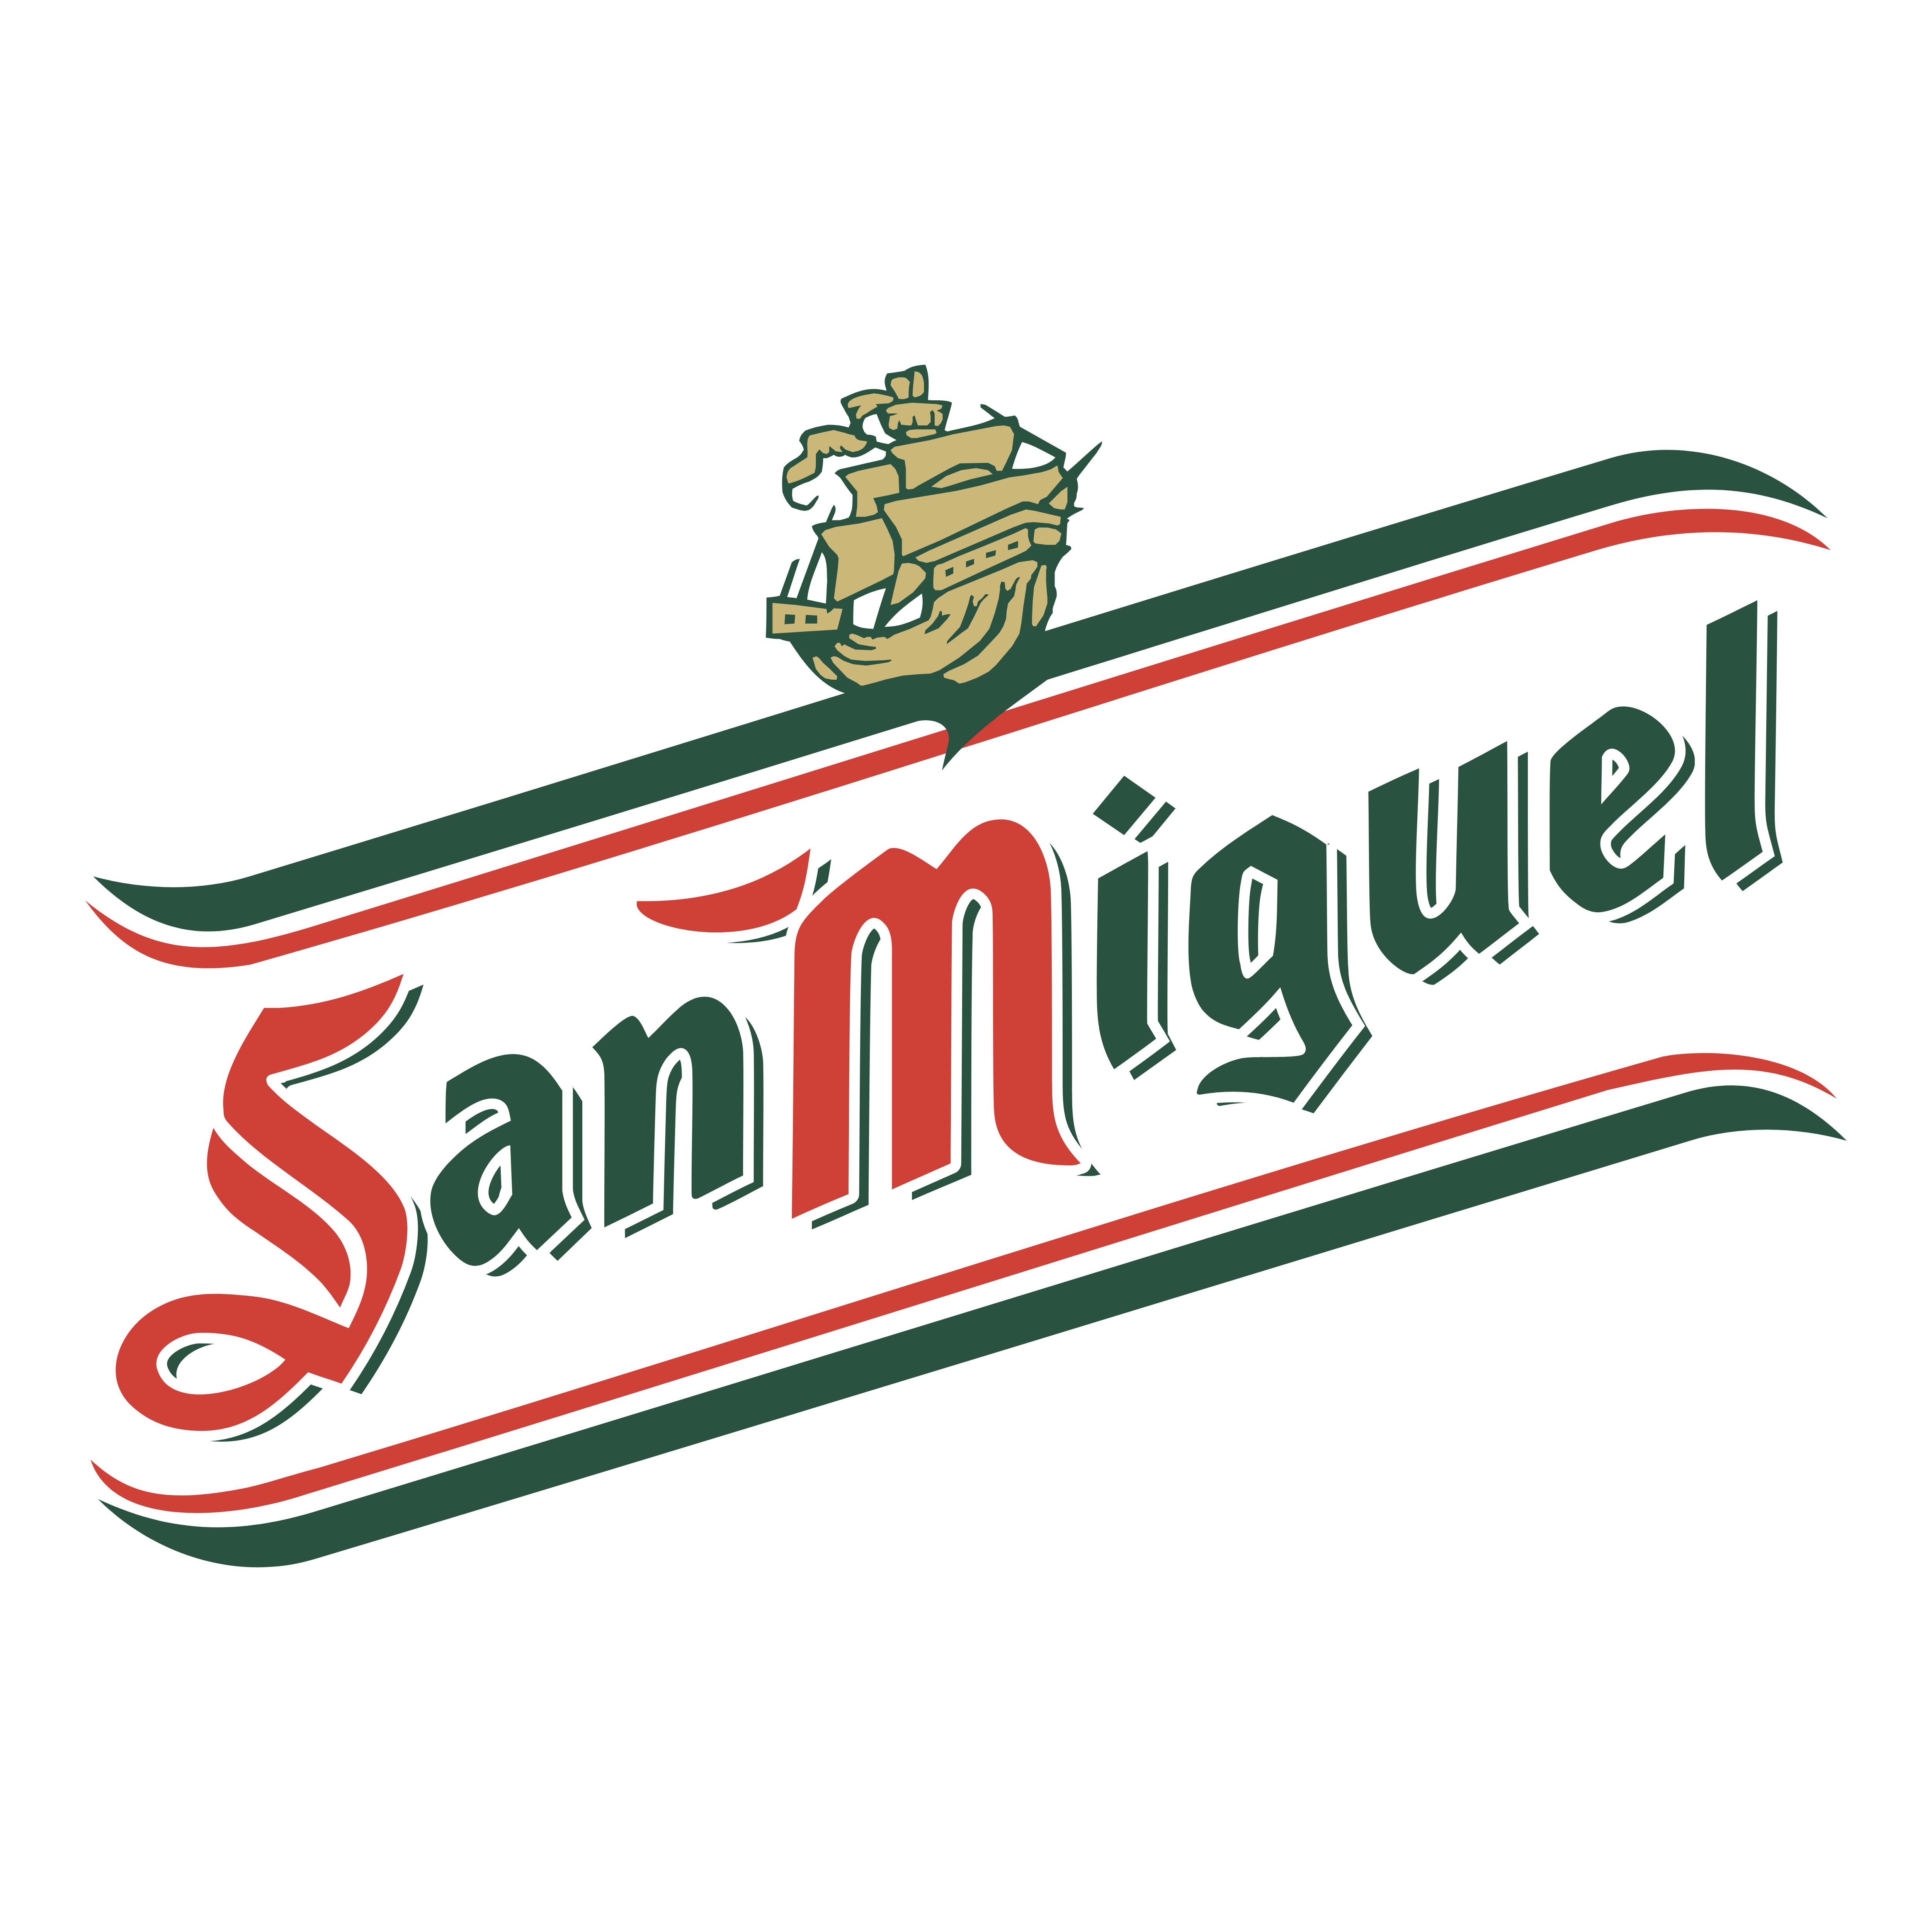 San Miguel.